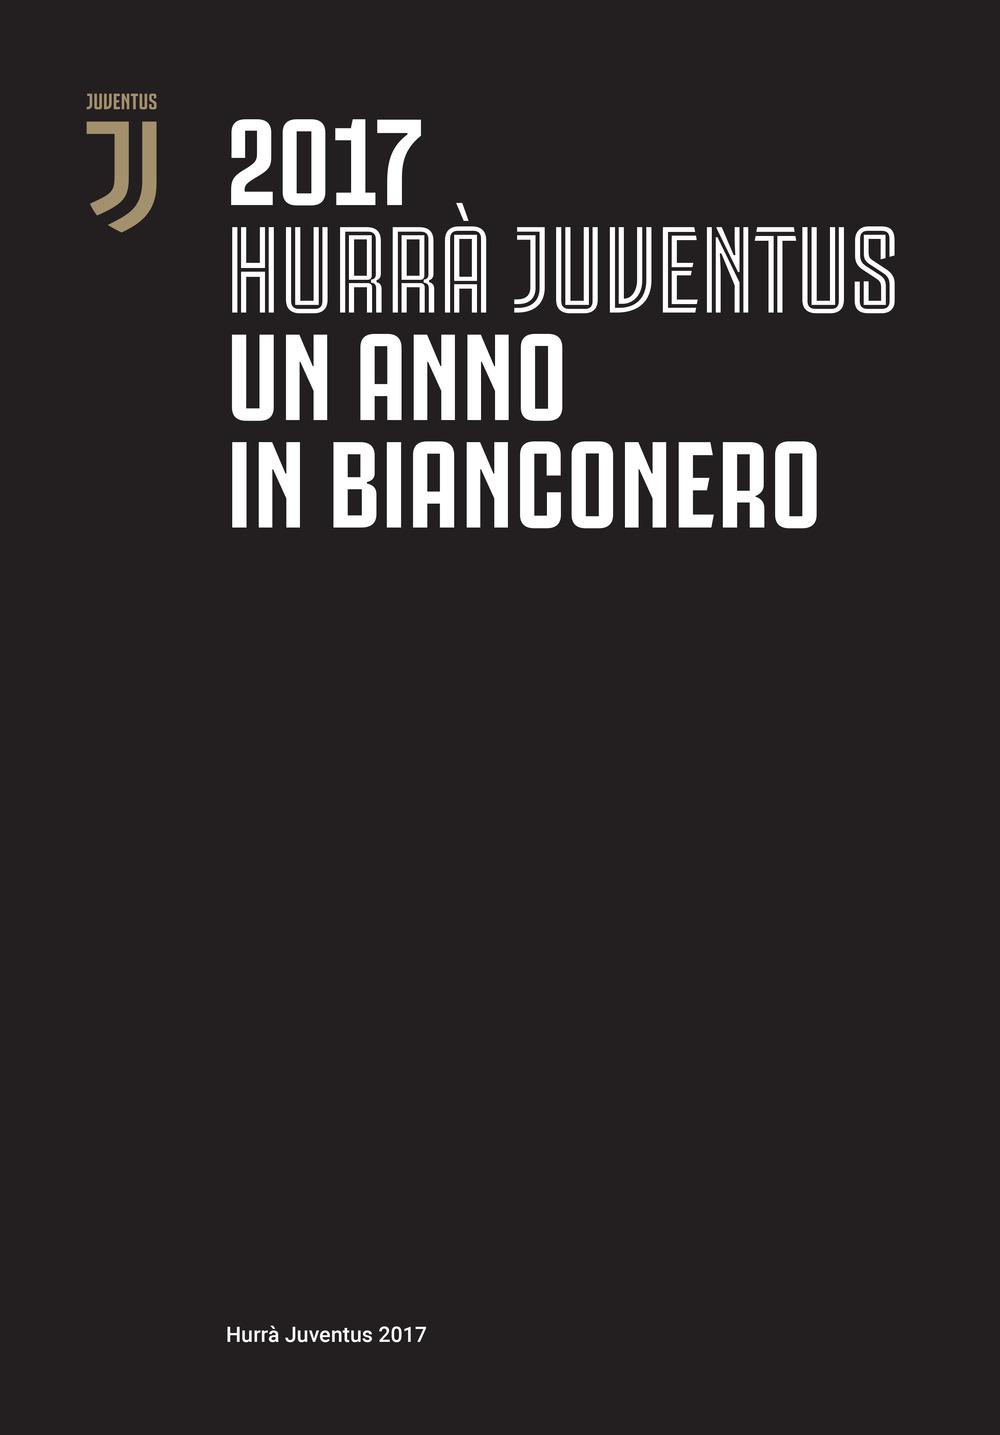 HURRÀ JUVENTUS. UN ANNO IN BIANCONERO. ANNUARIO UFFICIALE 2017 - AA.VV. - 9788869133732